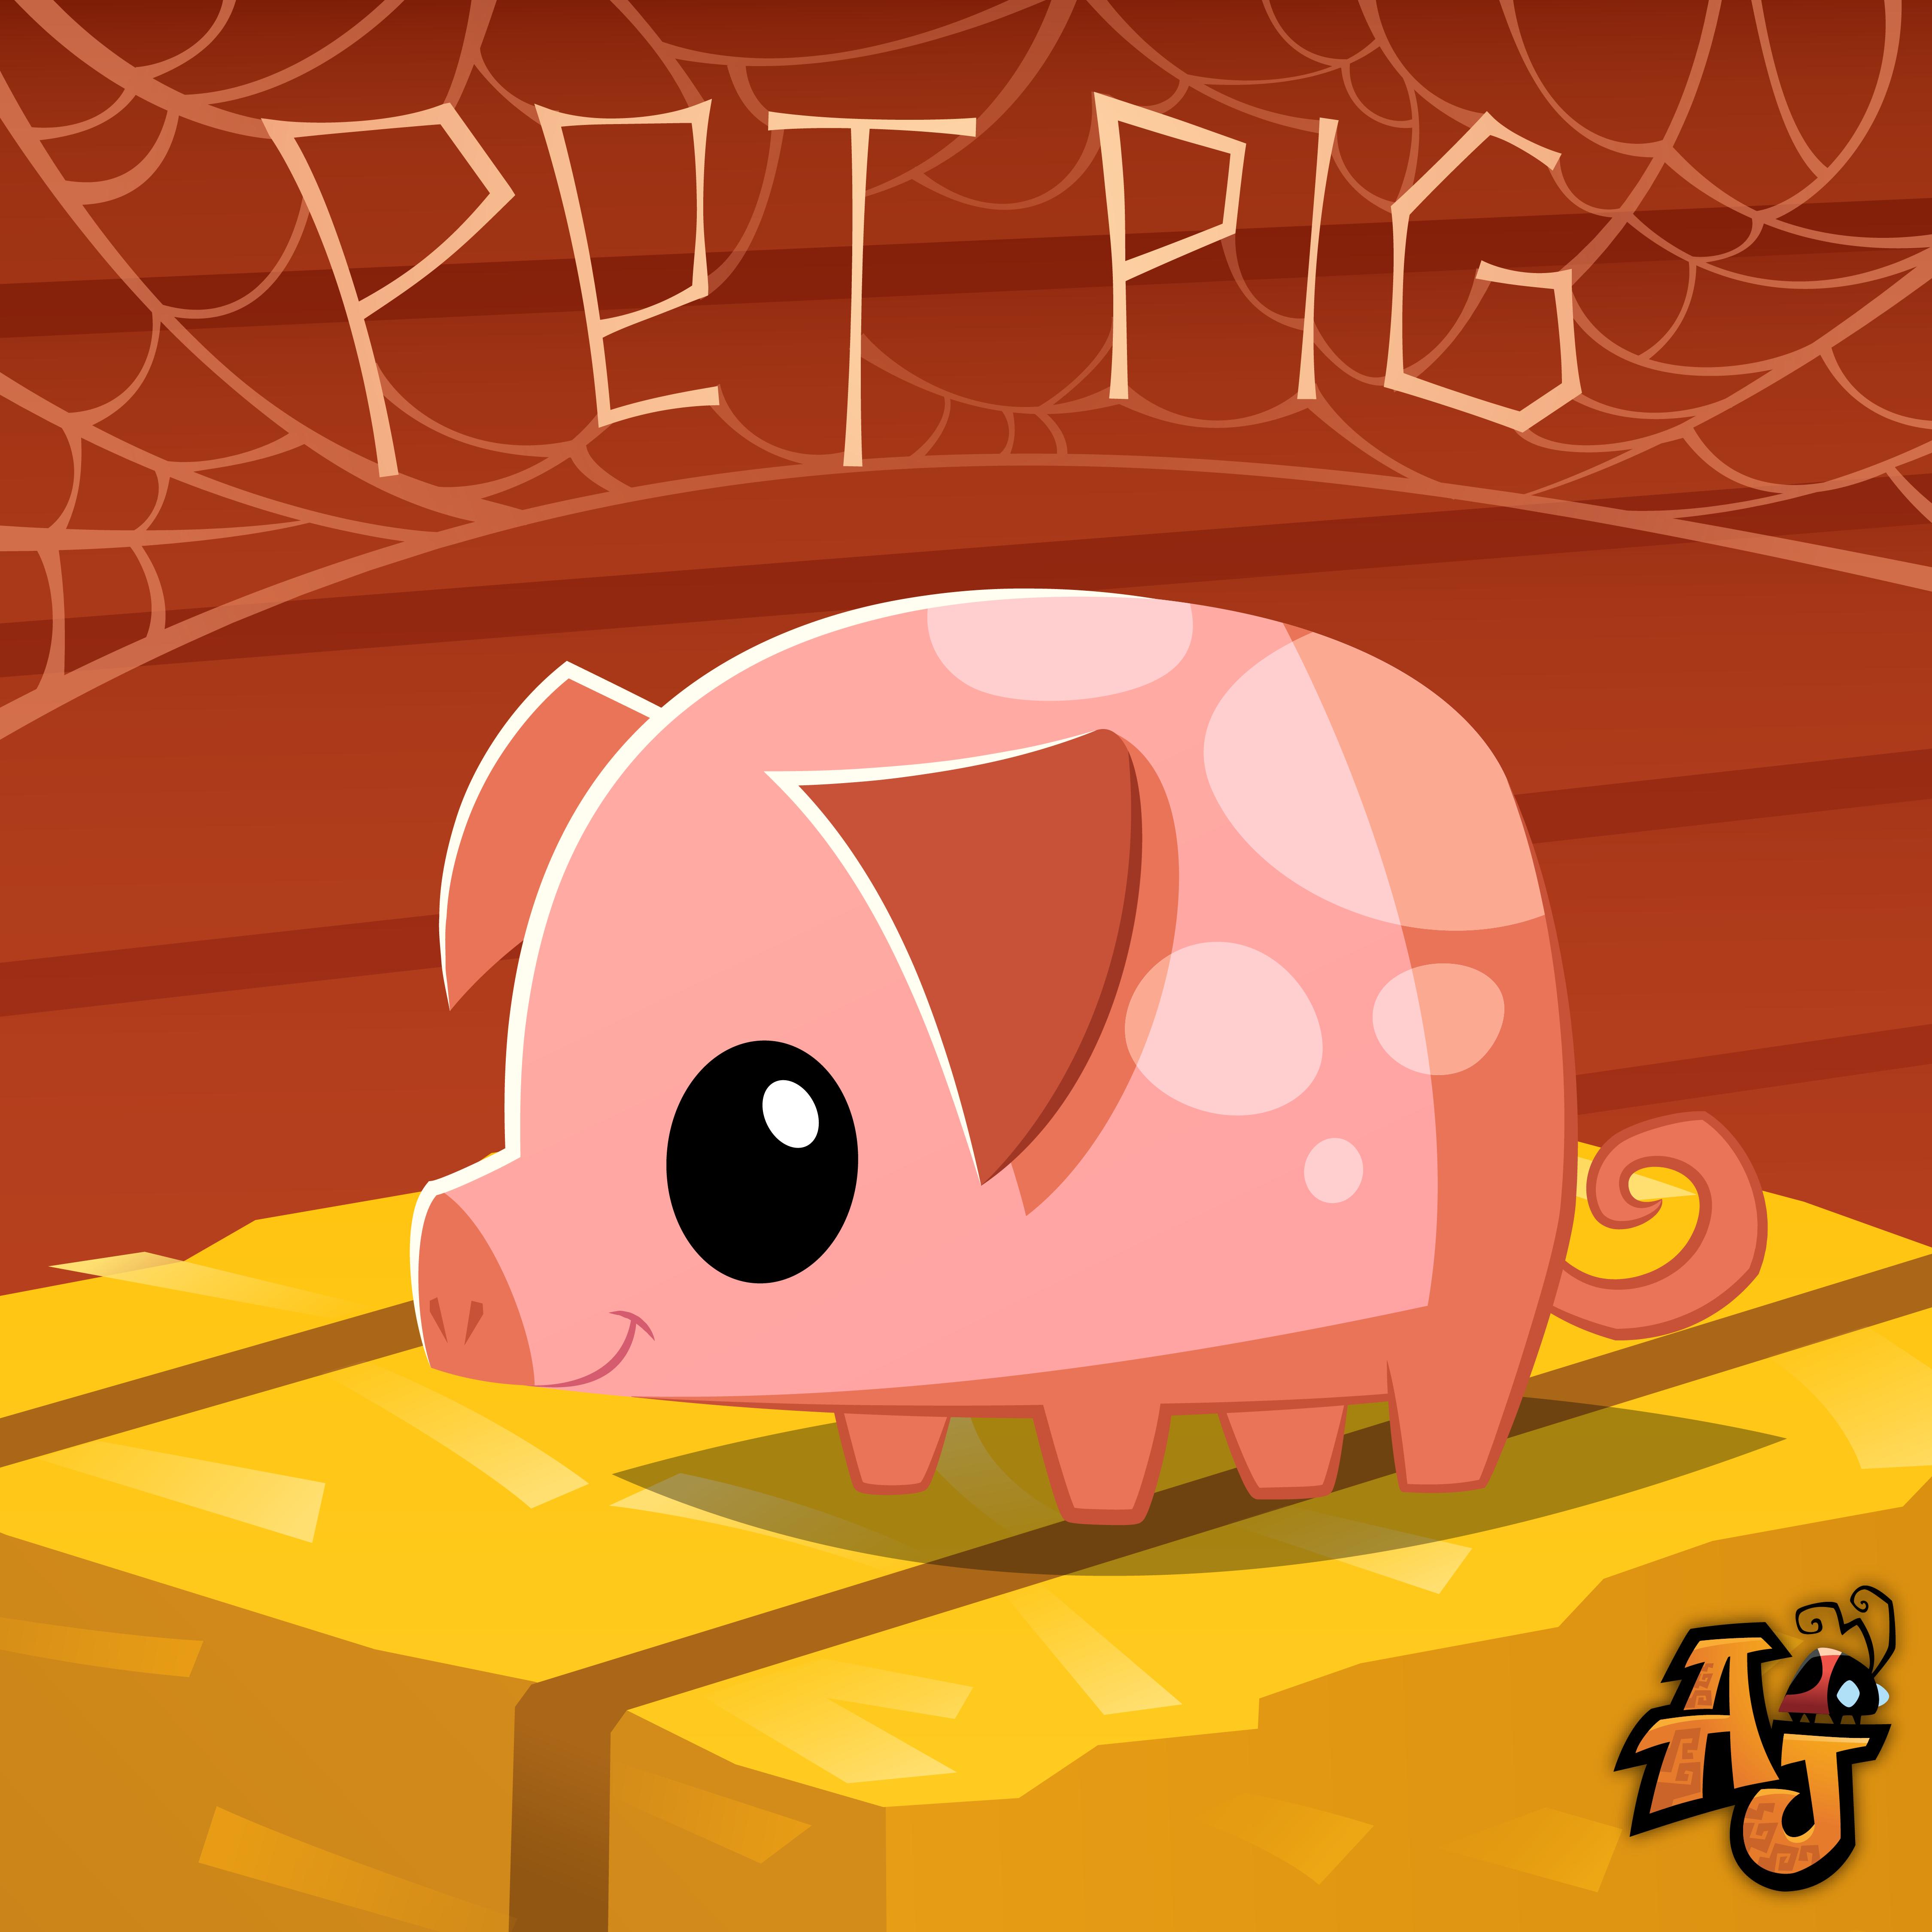 20200411 PetPig-01